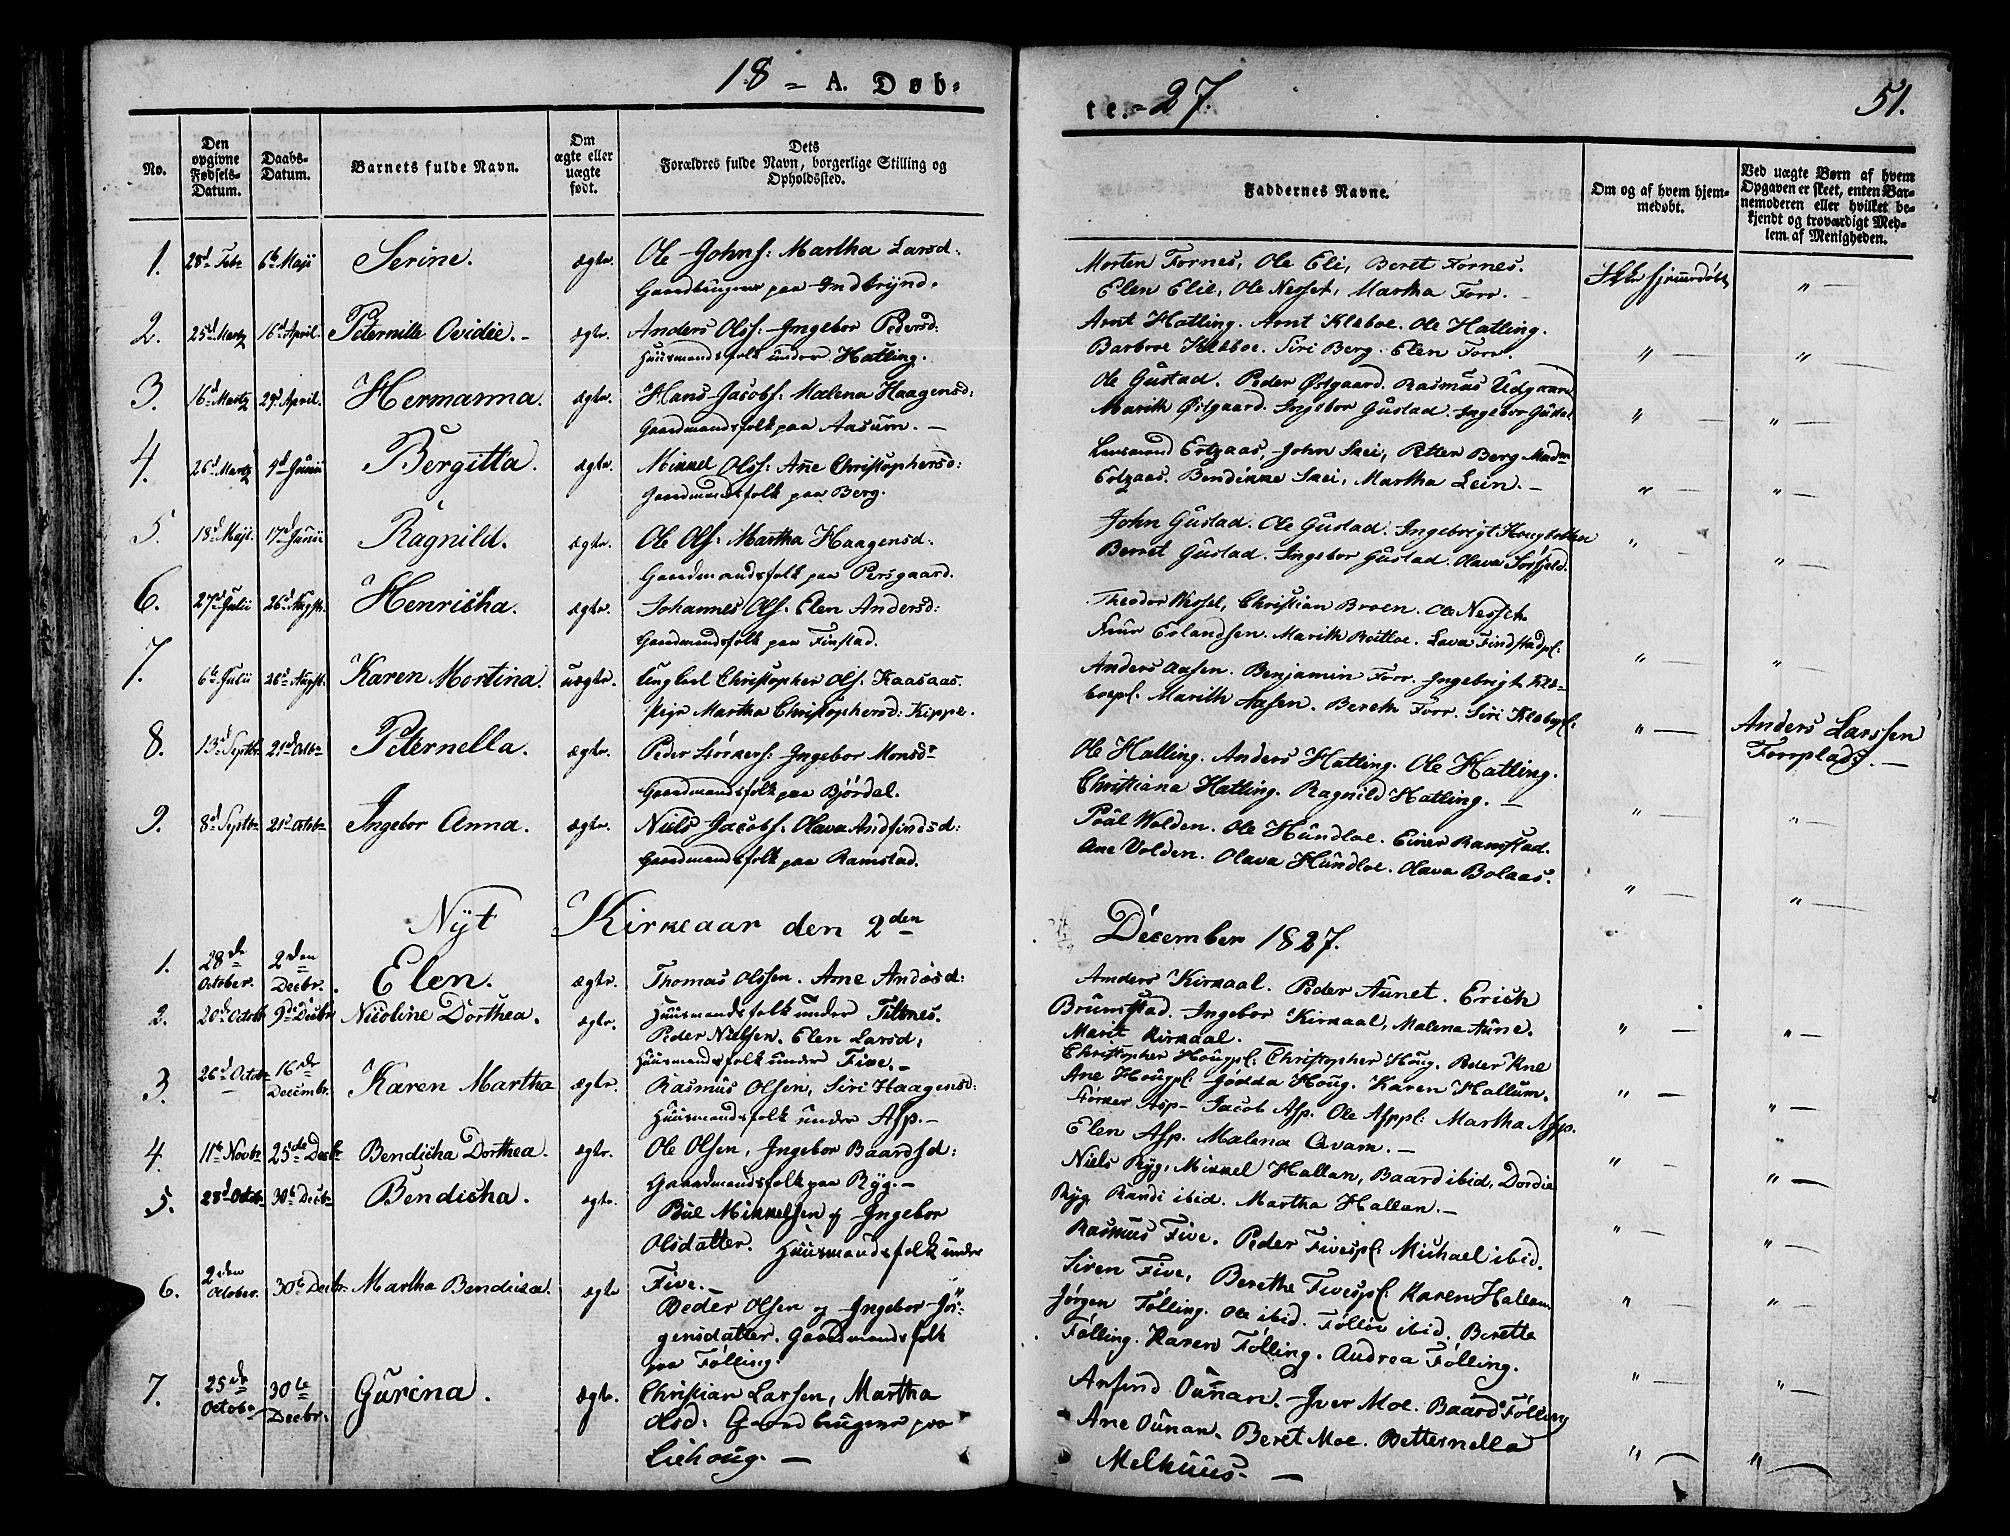 SAT, Ministerialprotokoller, klokkerbøker og fødselsregistre - Nord-Trøndelag, 746/L0445: Ministerialbok nr. 746A04, 1826-1846, s. 51